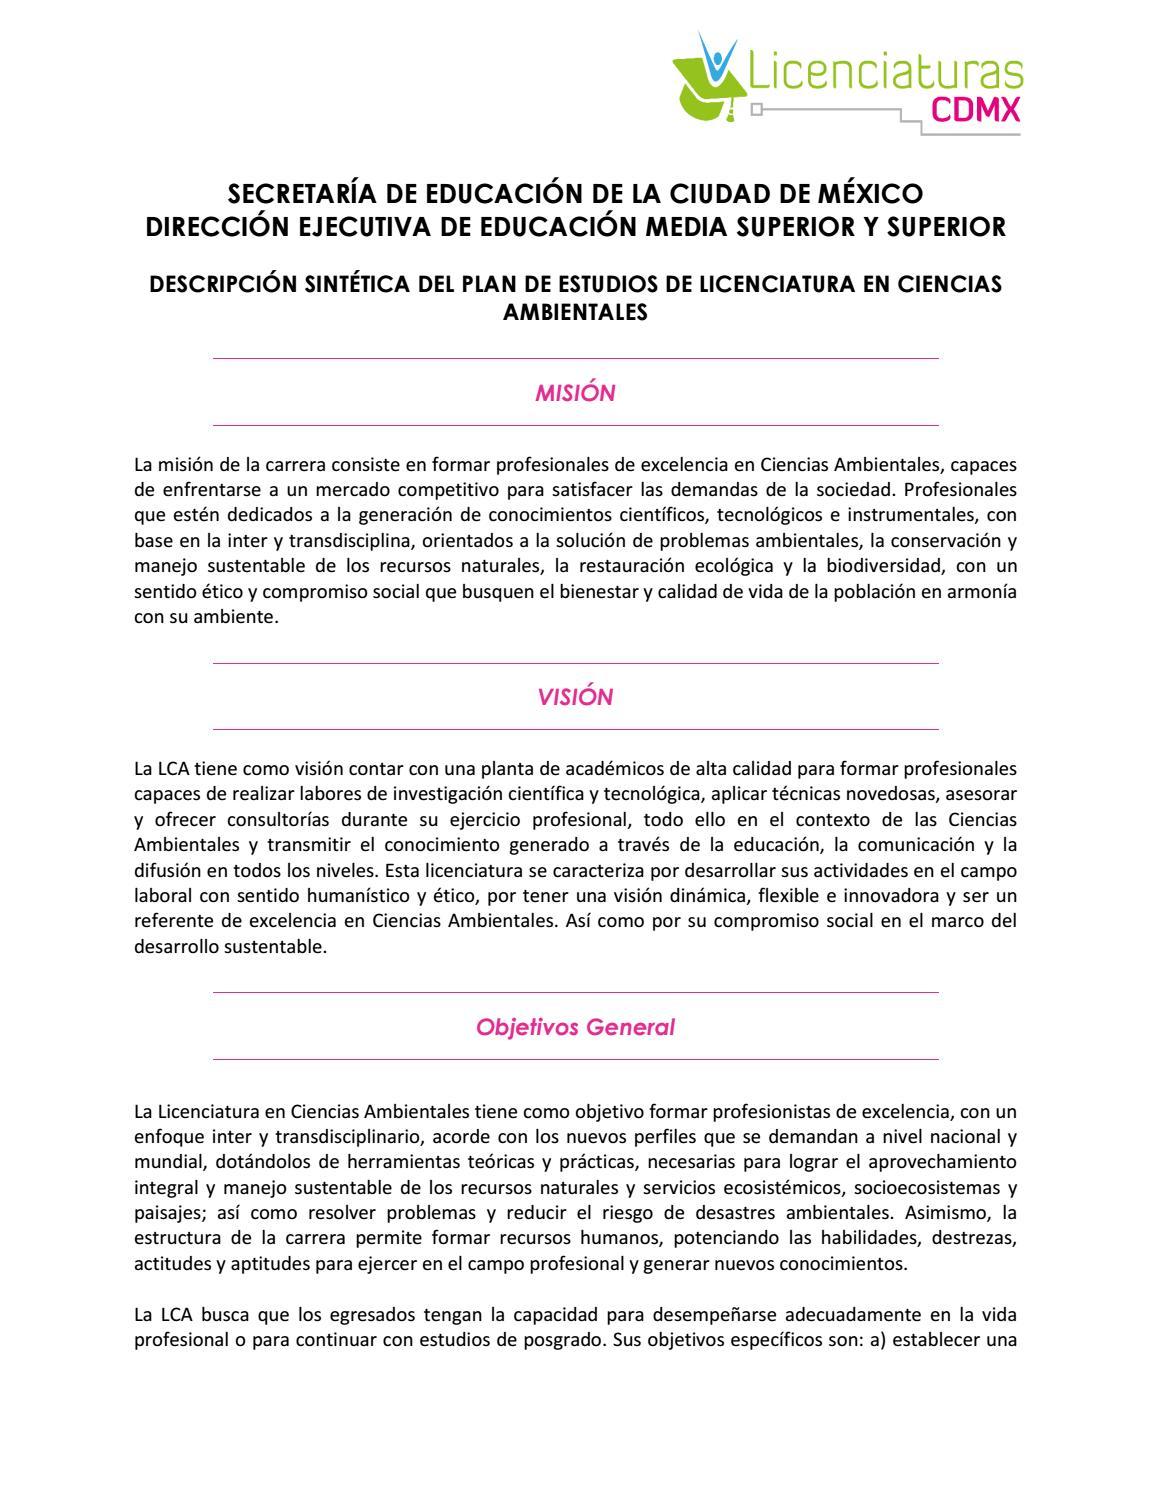 Licenciatura en ciencias ambientales para zonas urbanas seduc cdmx ...